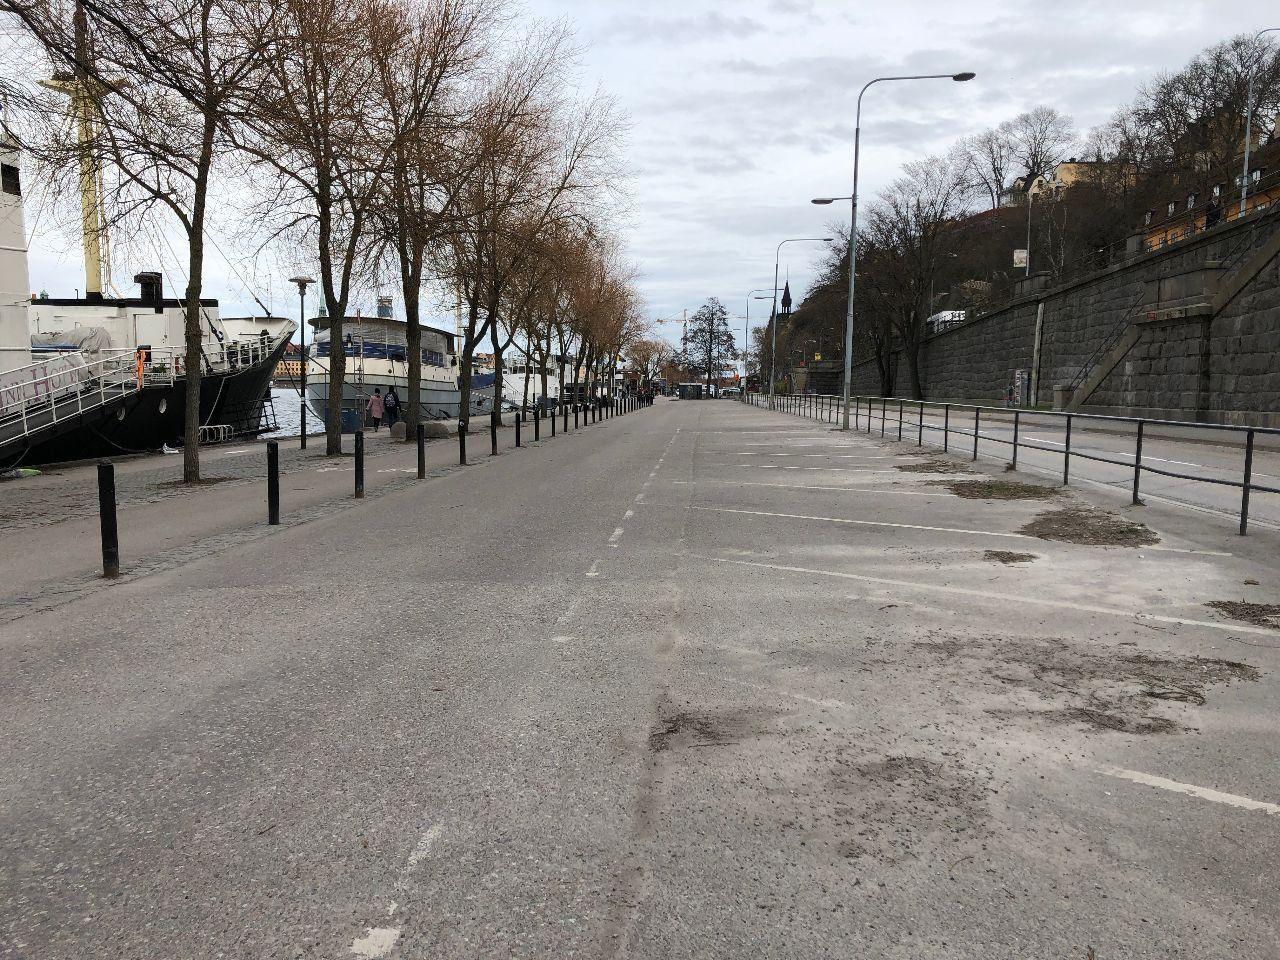 Parkeringarna längs Södermälarstrand är tomma på grund av corona.